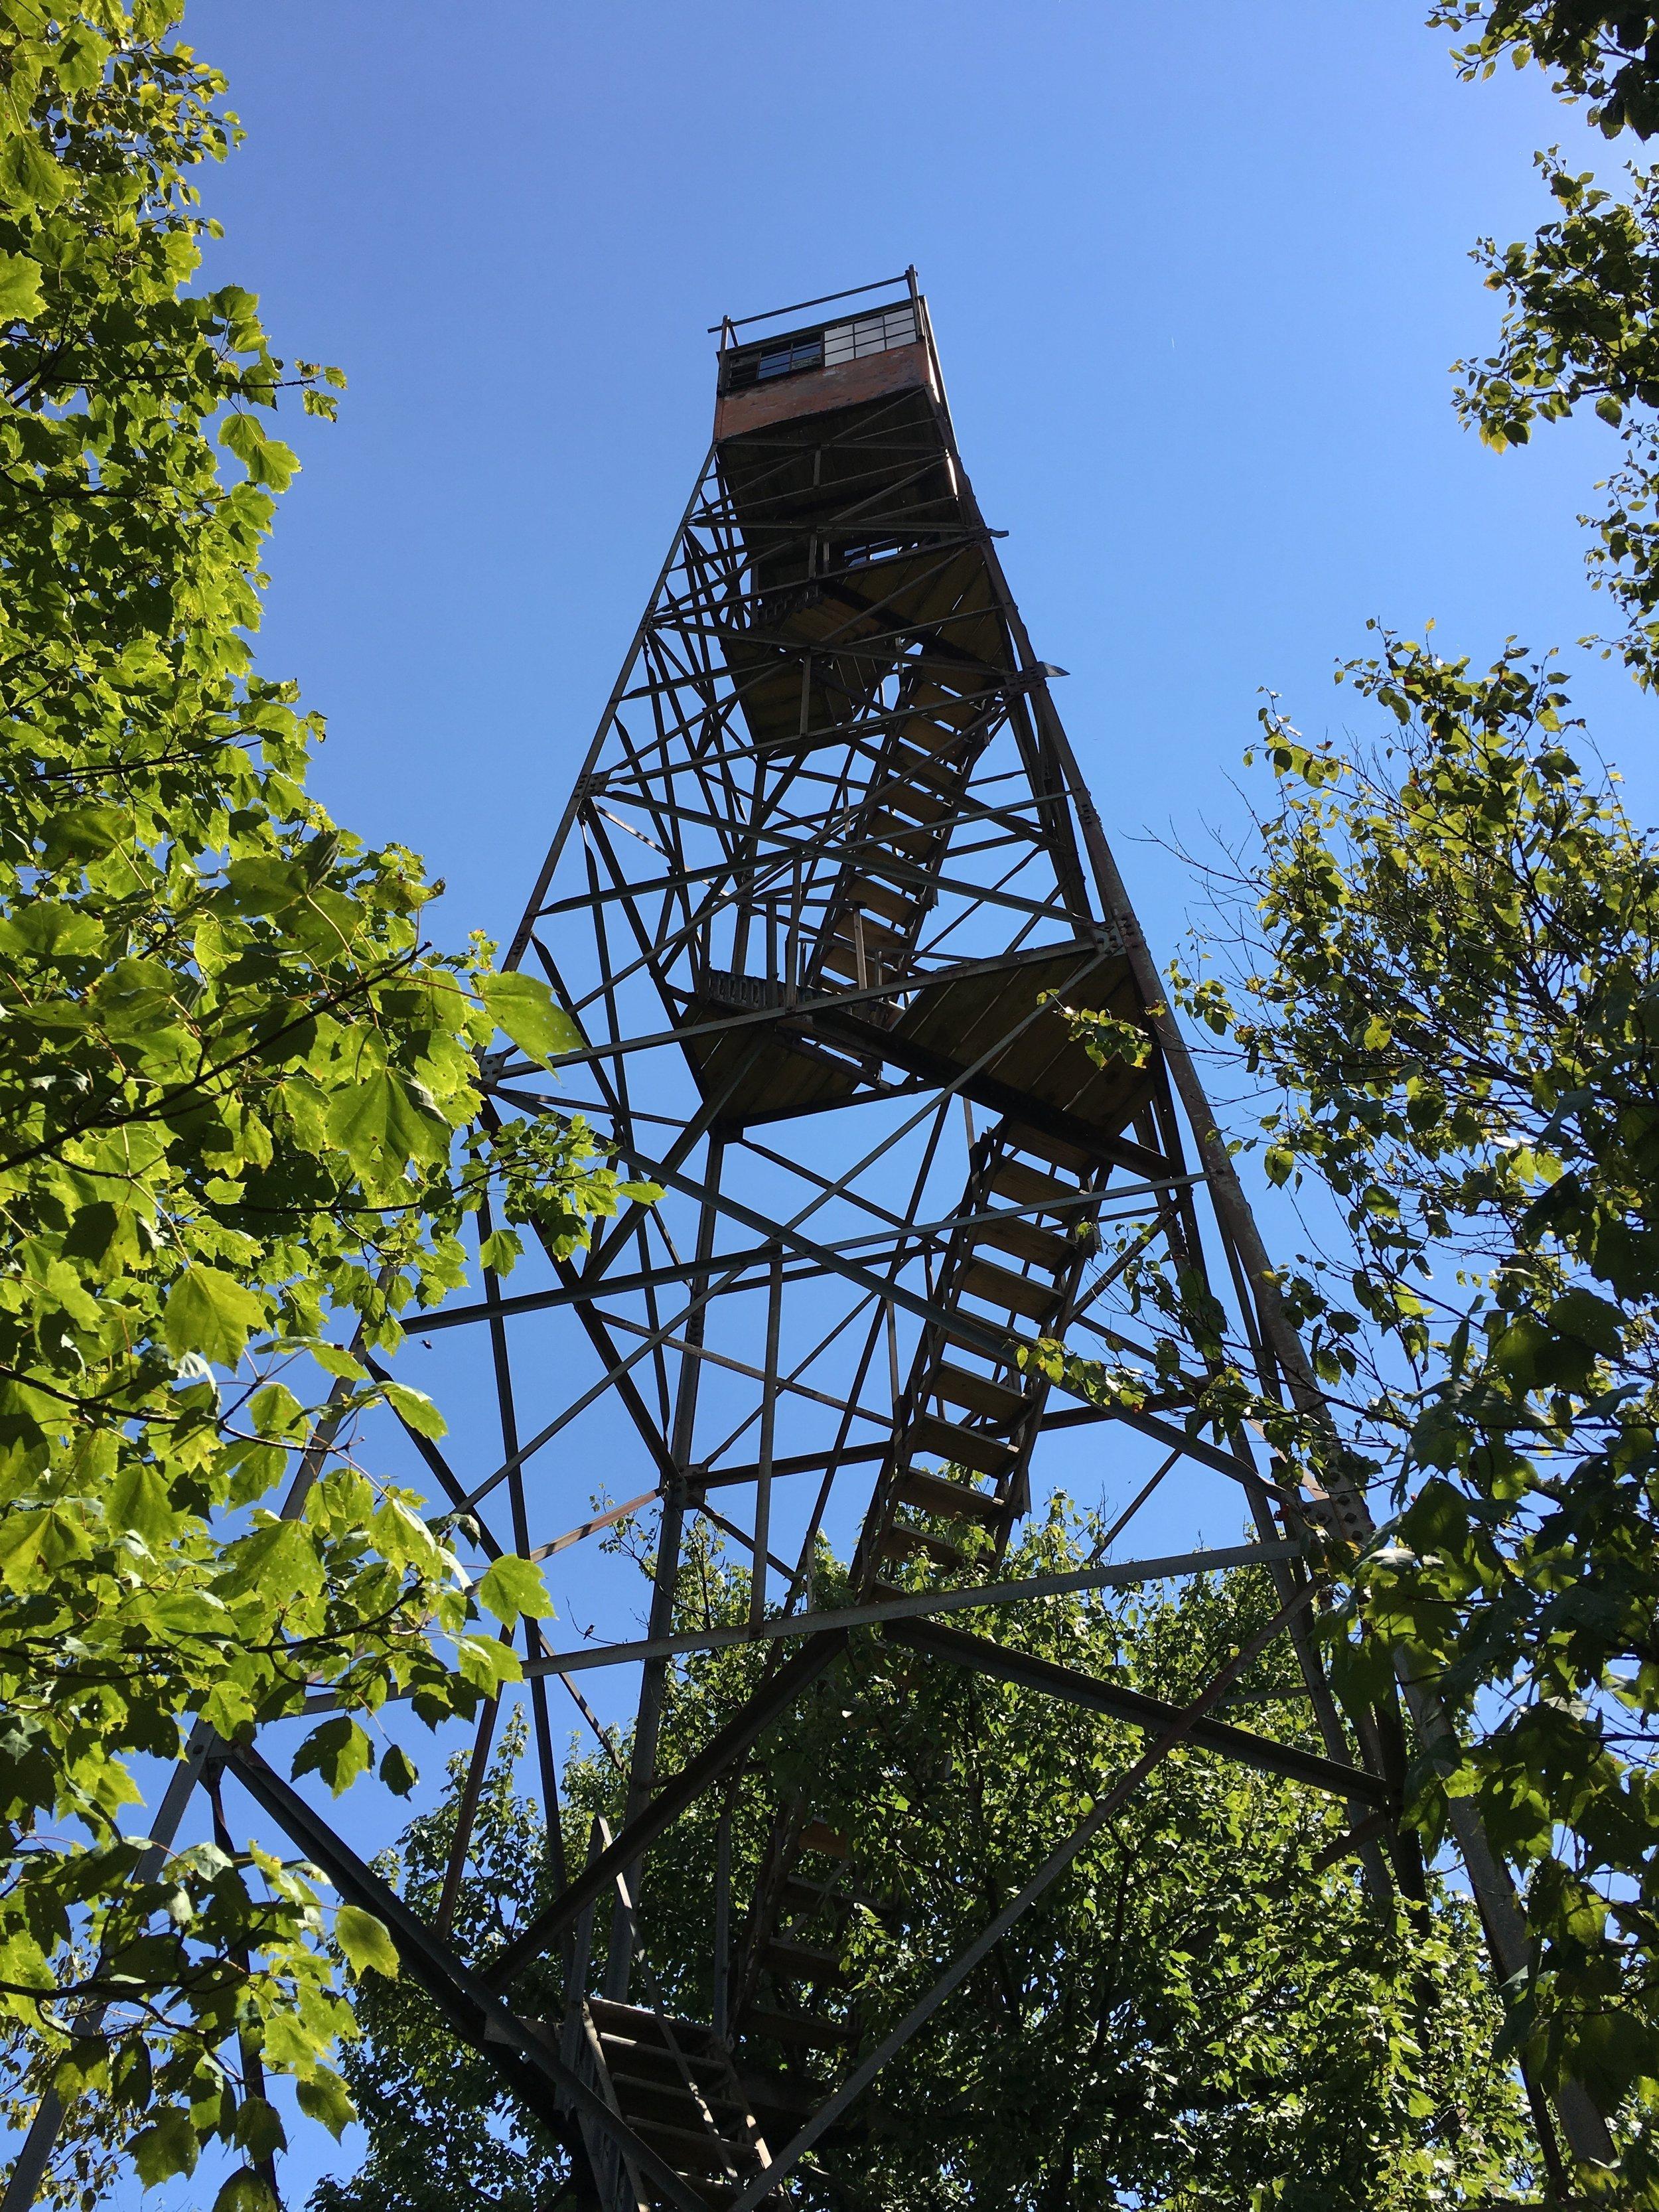 Shuckstack Fire Tower